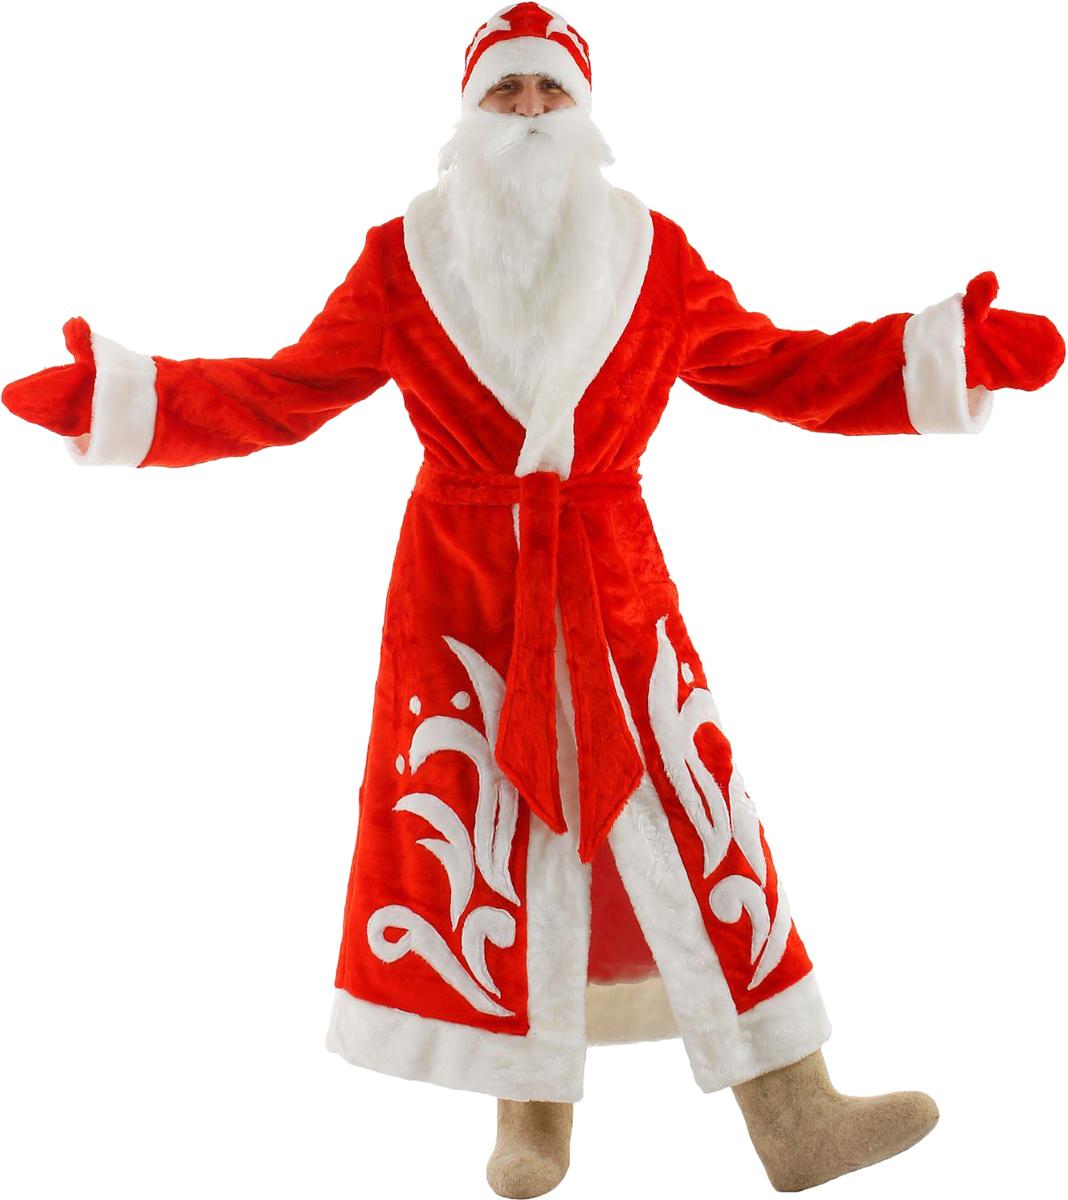 Карнавальный костюм Бока Дед Мороз, цвет: красный. Размер 52/54. 1577033 комбинезон тузик дед мороз карнавальный терьер джека рассела кобель